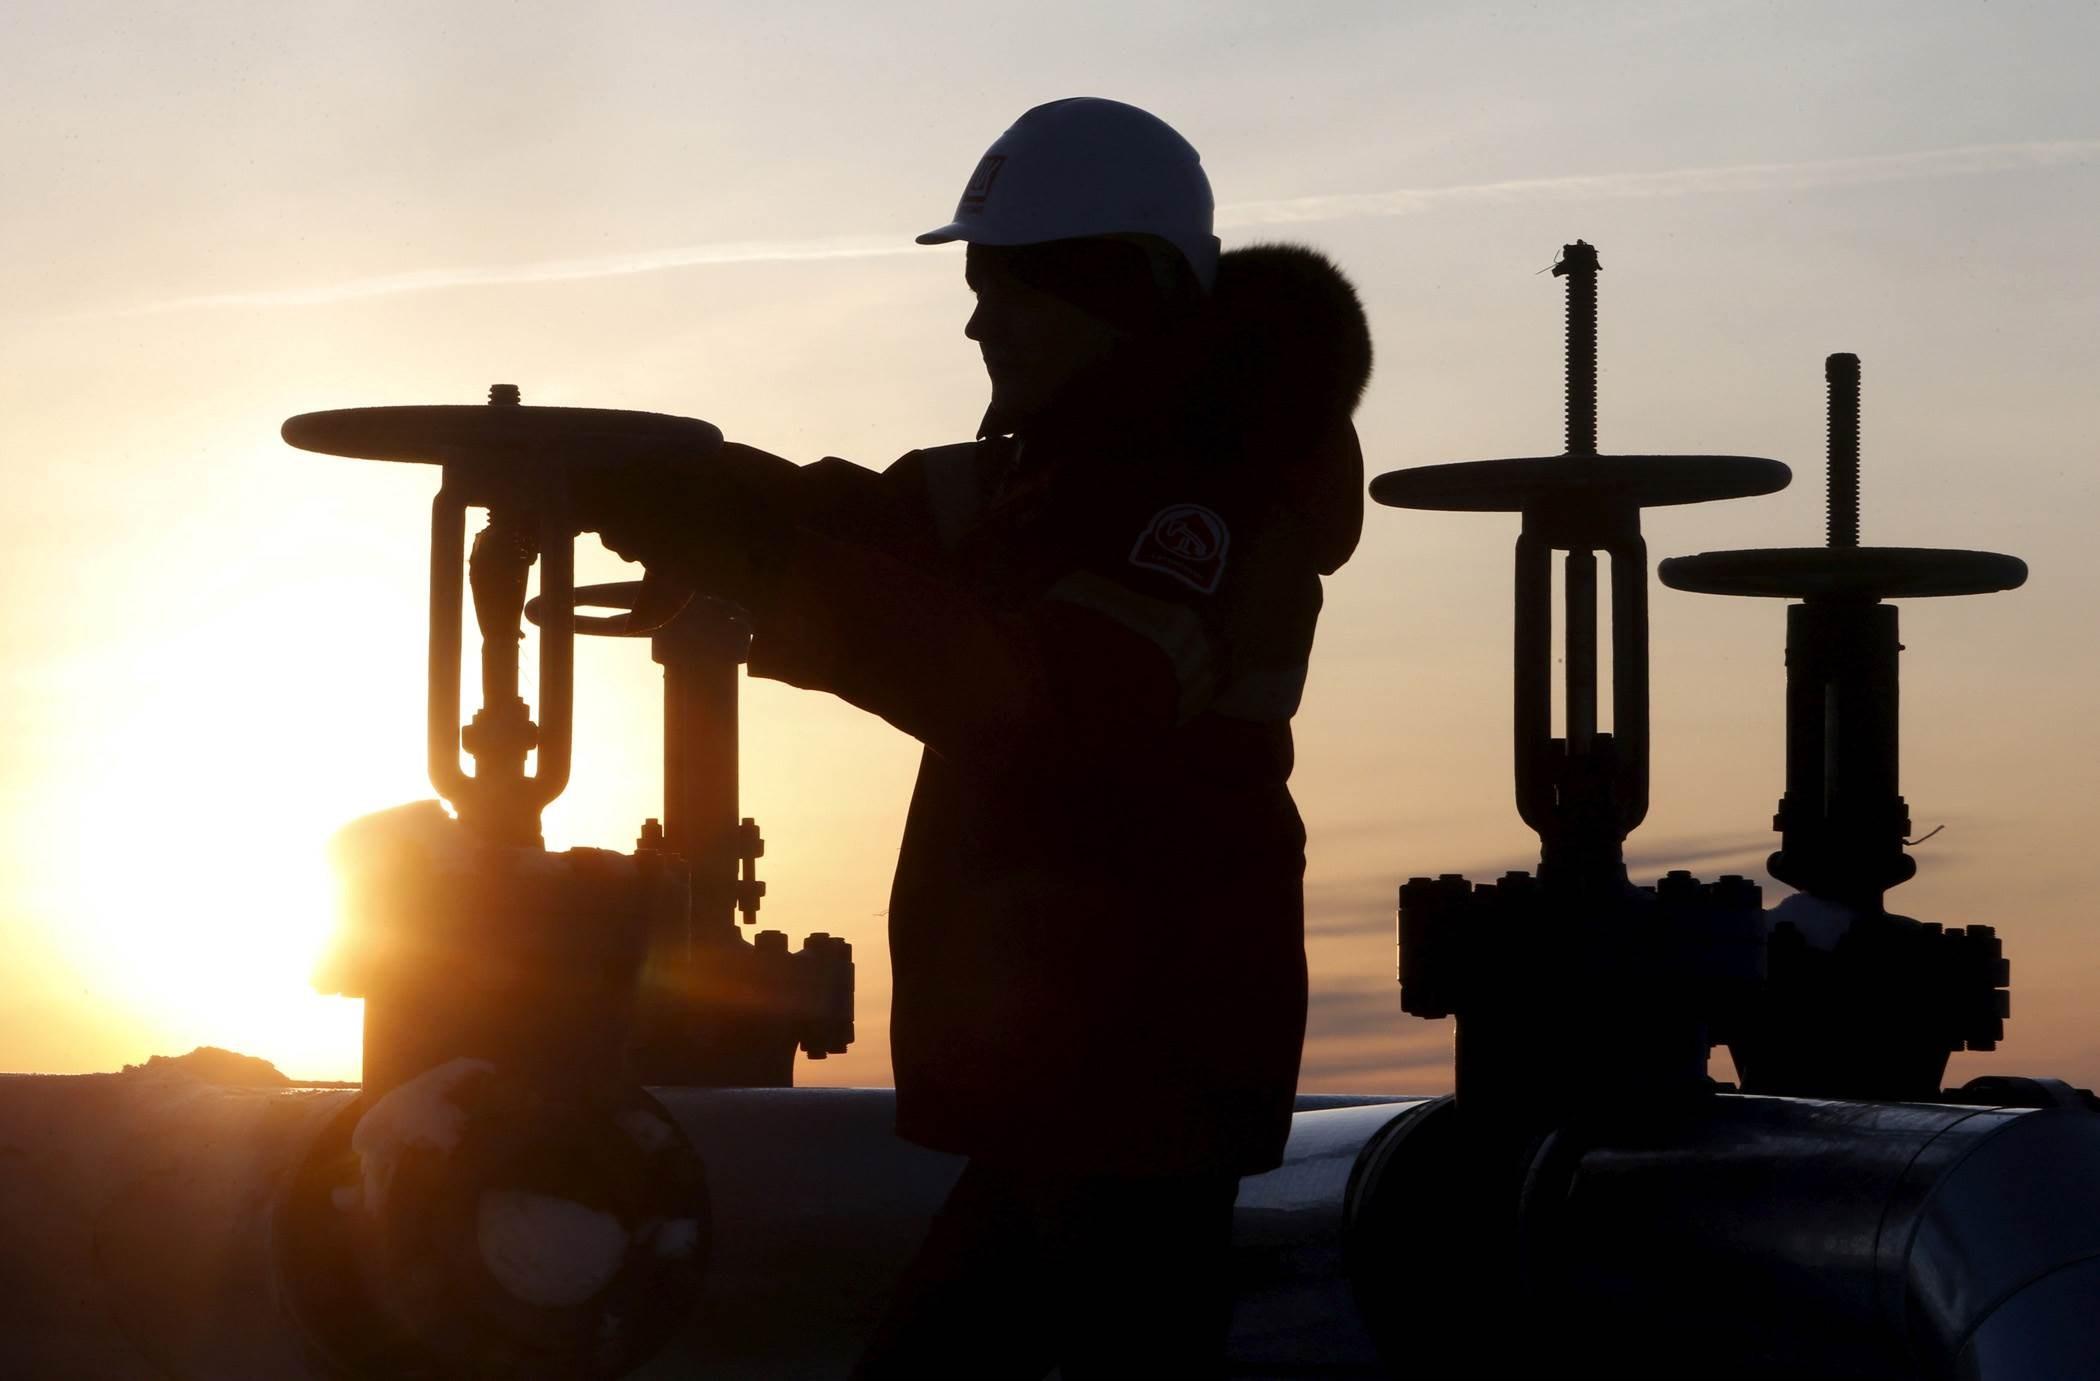 مع هبوط أسعار النفط.. التوتر الأميركي-الصيني يرفع أسعار الذهب